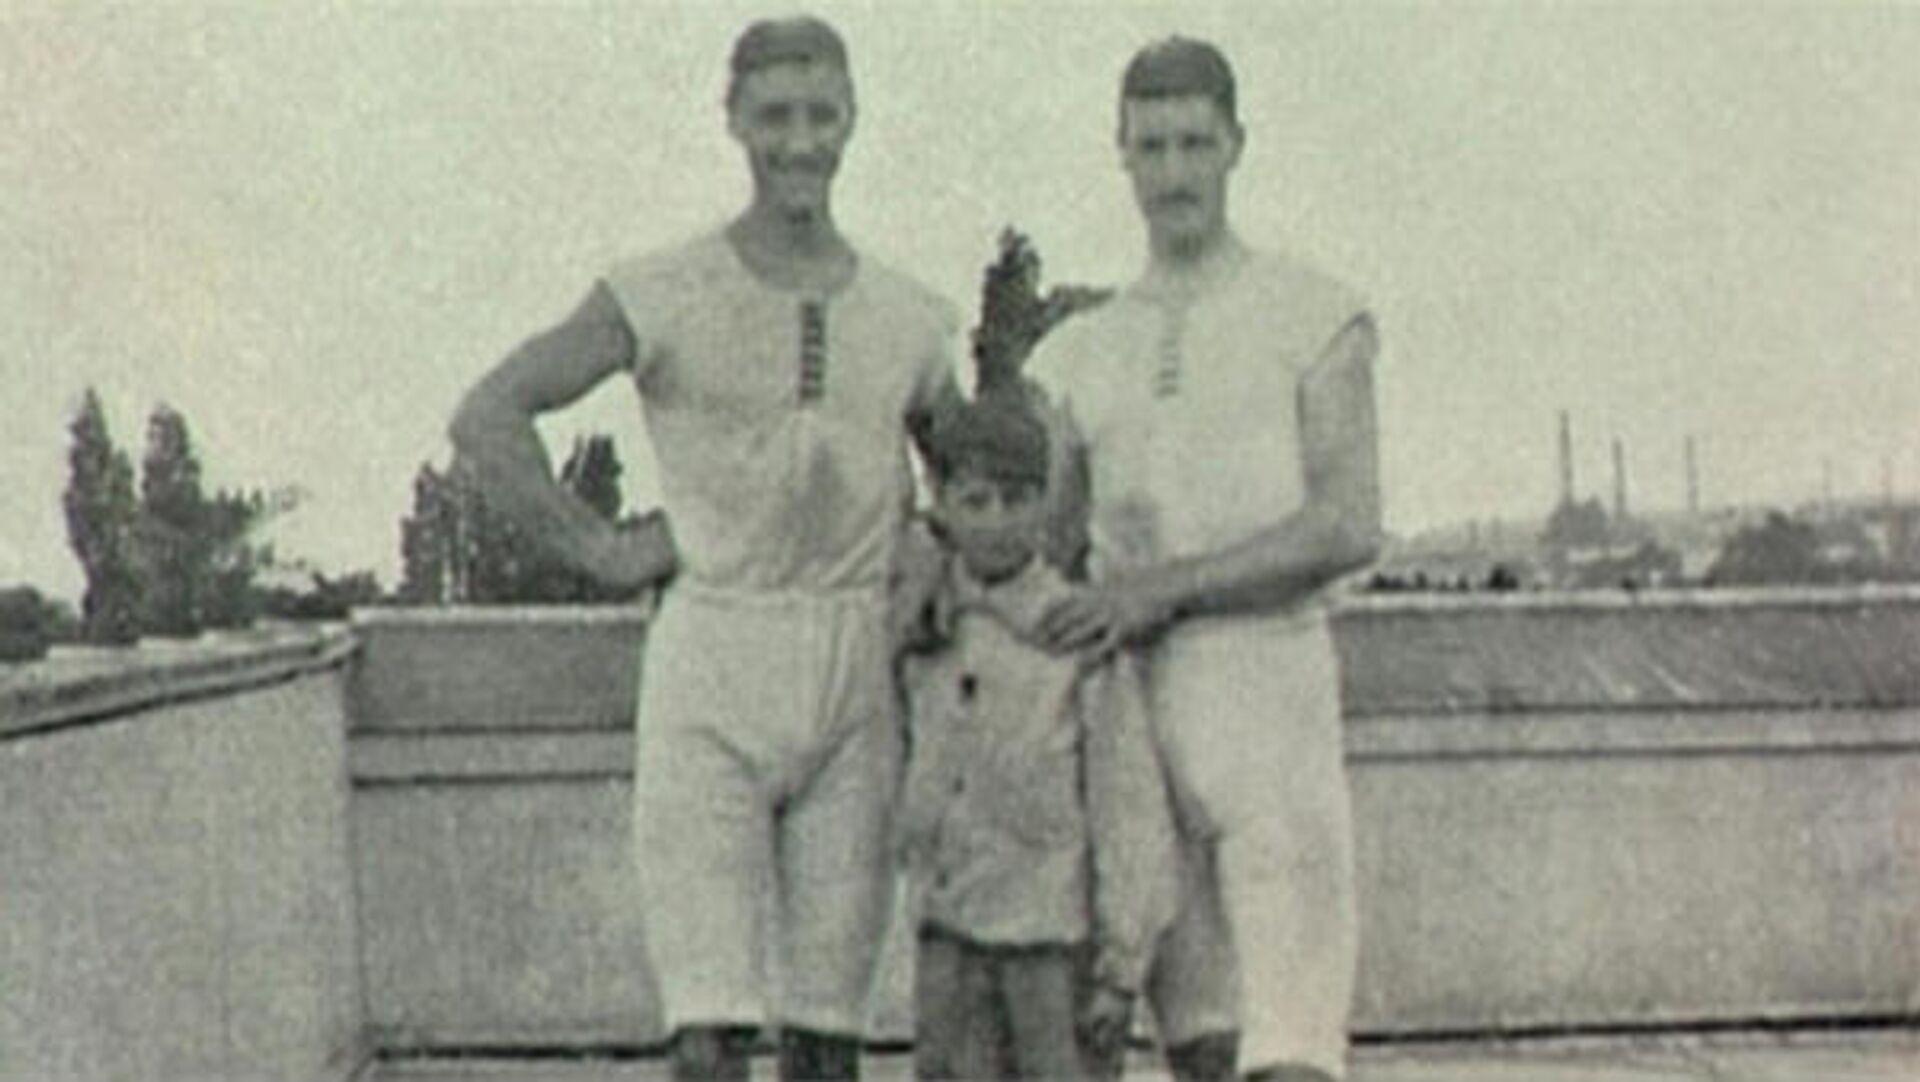 Голландские гребцы Франсуа Брандт и Рулоф Клейн с неизвестным мальчиком - РИА Новости, 1920, 14.05.2020